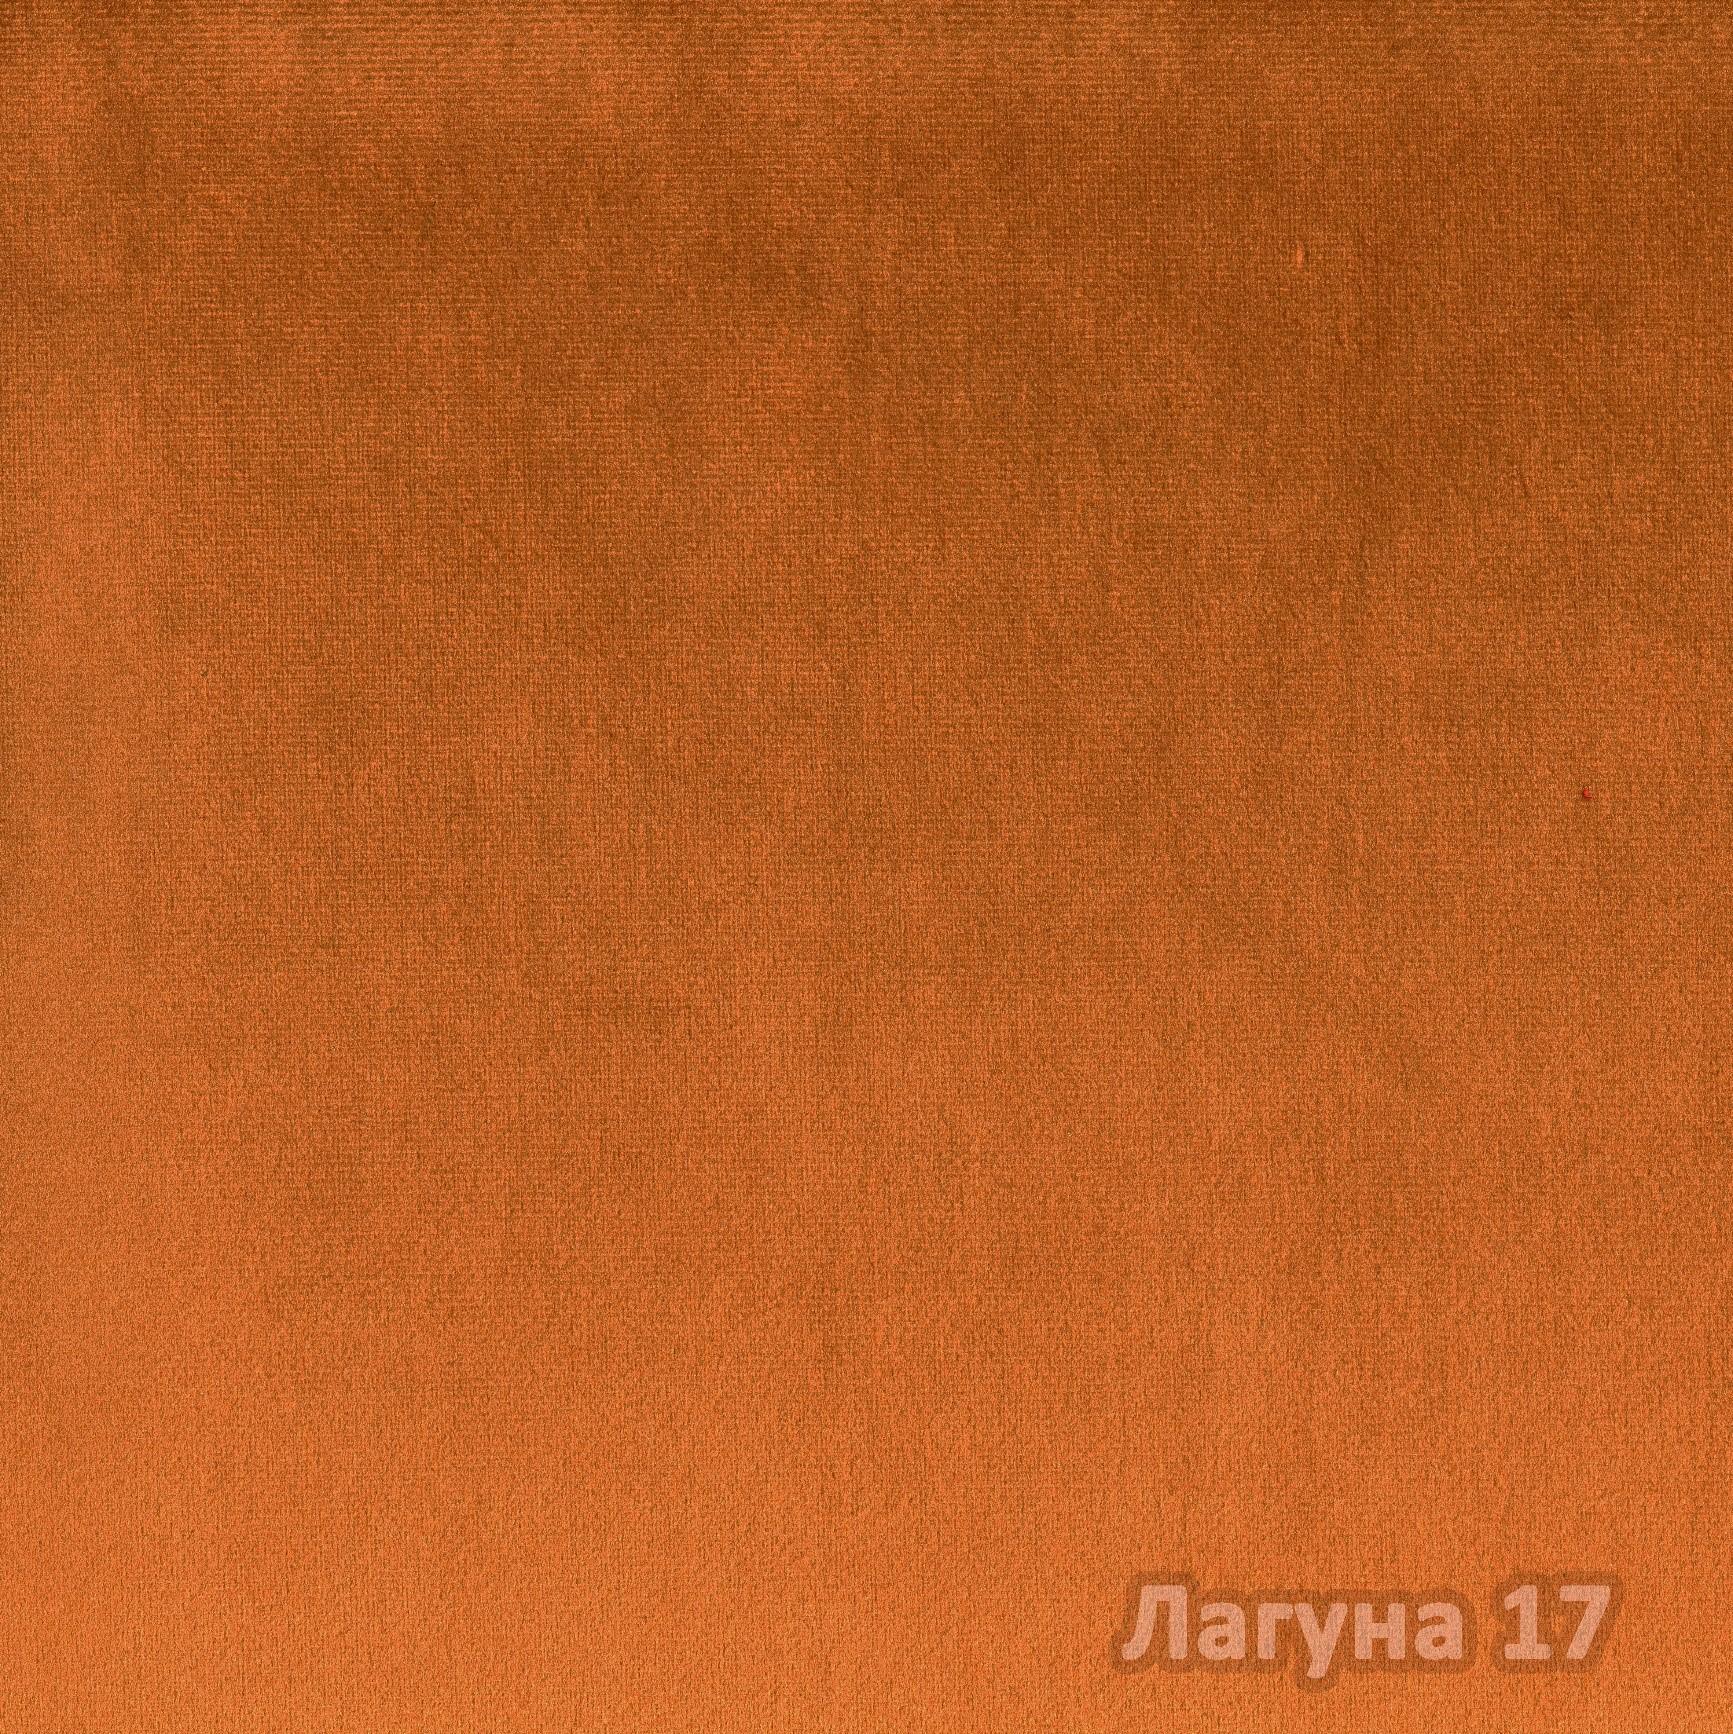 Коллекция ткани Лагуна 17,  купить ткань Велюр для мебели Украина